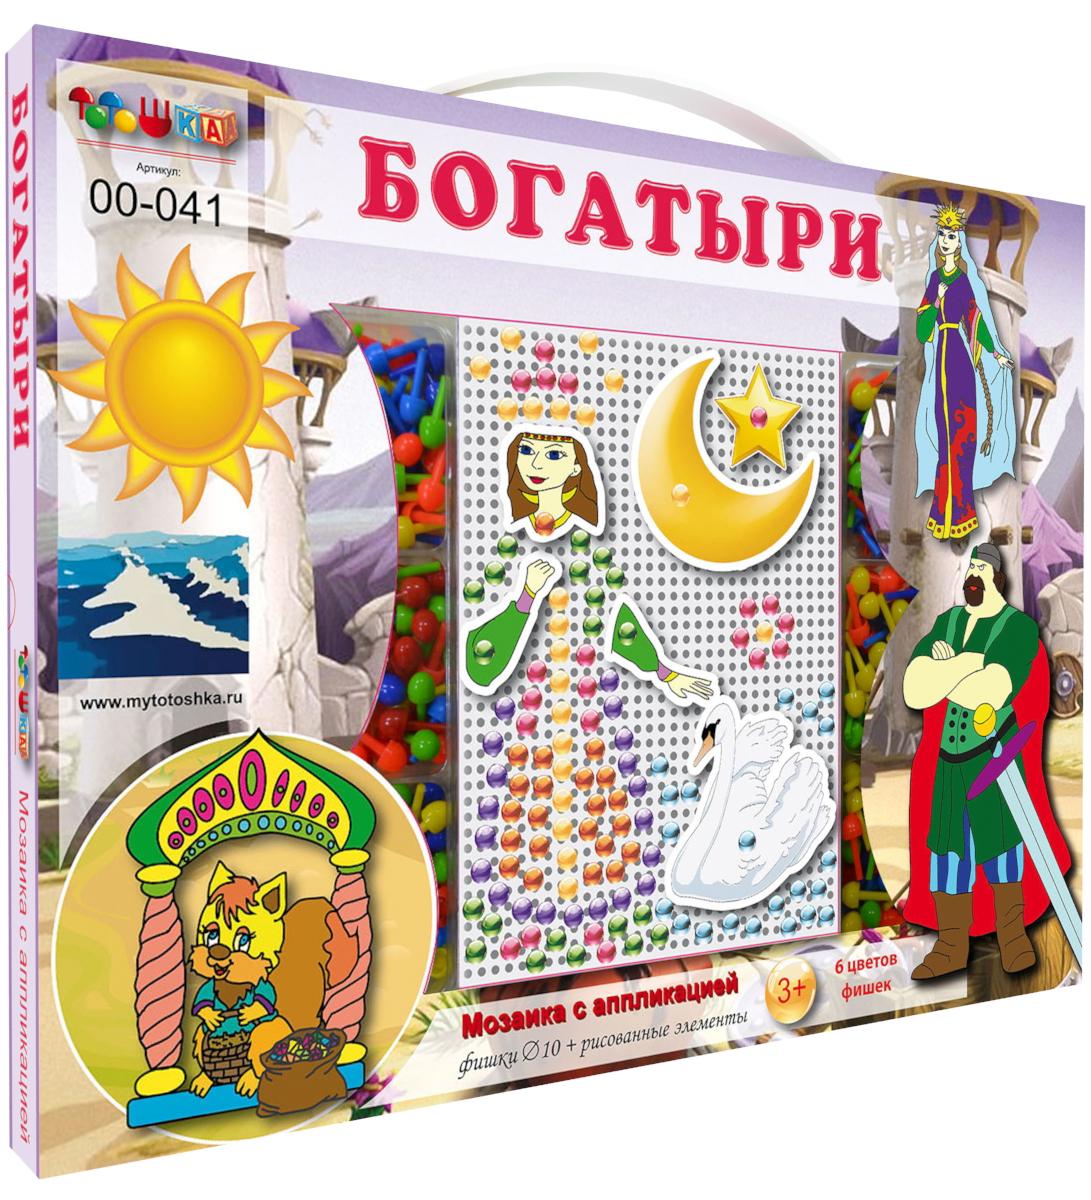 Тотошка Мозаика Богатыритт00-041Мозаика – дает возможность вашему ребенку выложить яркую картинку. Играя в мозаику, ваш малыш разовьет мелкую моторику рук, фантазию, творческие навыки и логическое мышление. Все элементы игры изготовлены из, высококачественных материалов, абсолютно безопасных для здоровья ребенка.